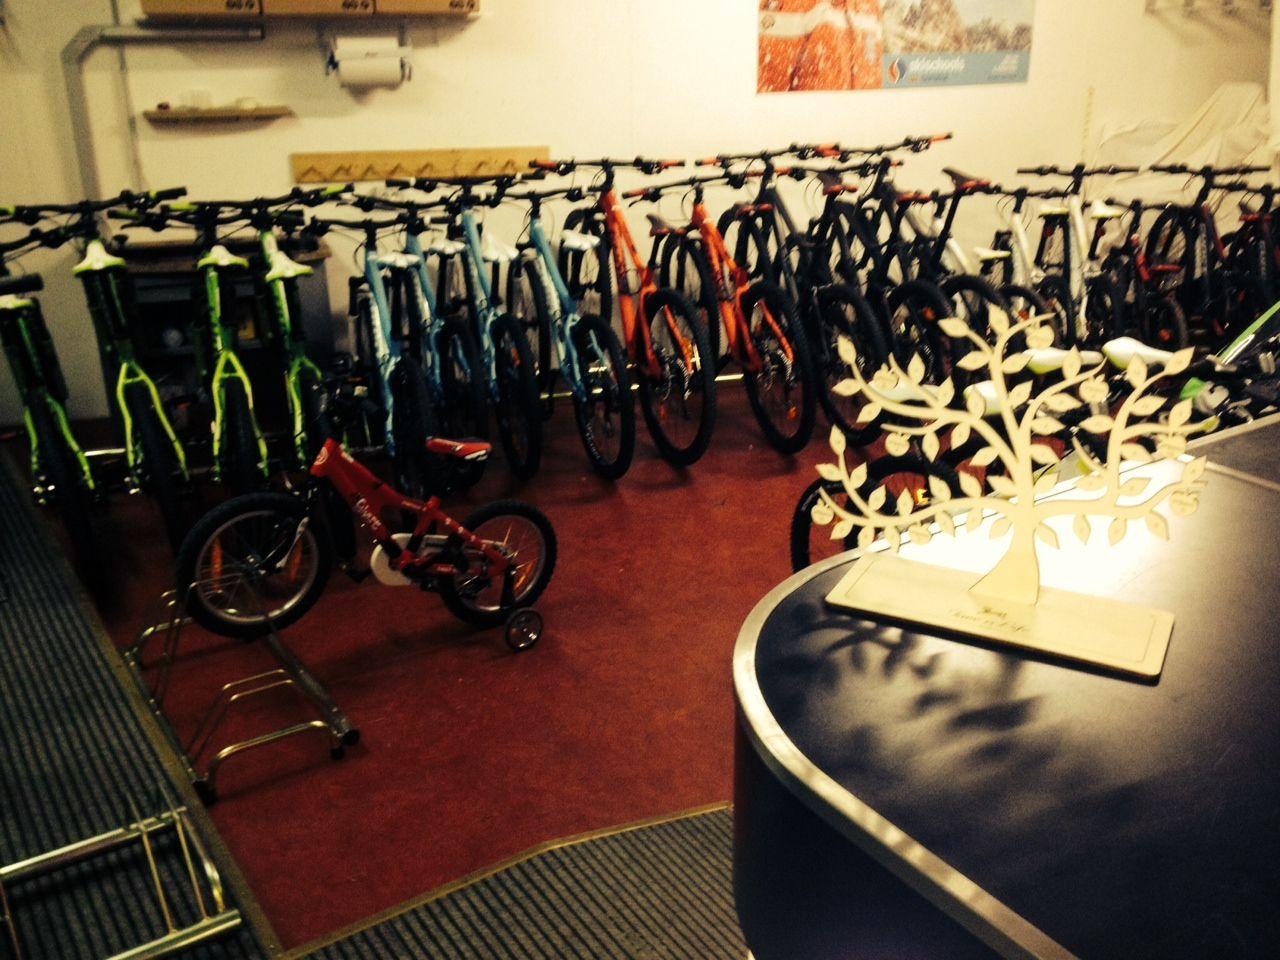 Il nolegio bike del Cavallino: noleggio una bici per una passeggiata sportiva!Tempo di sport!